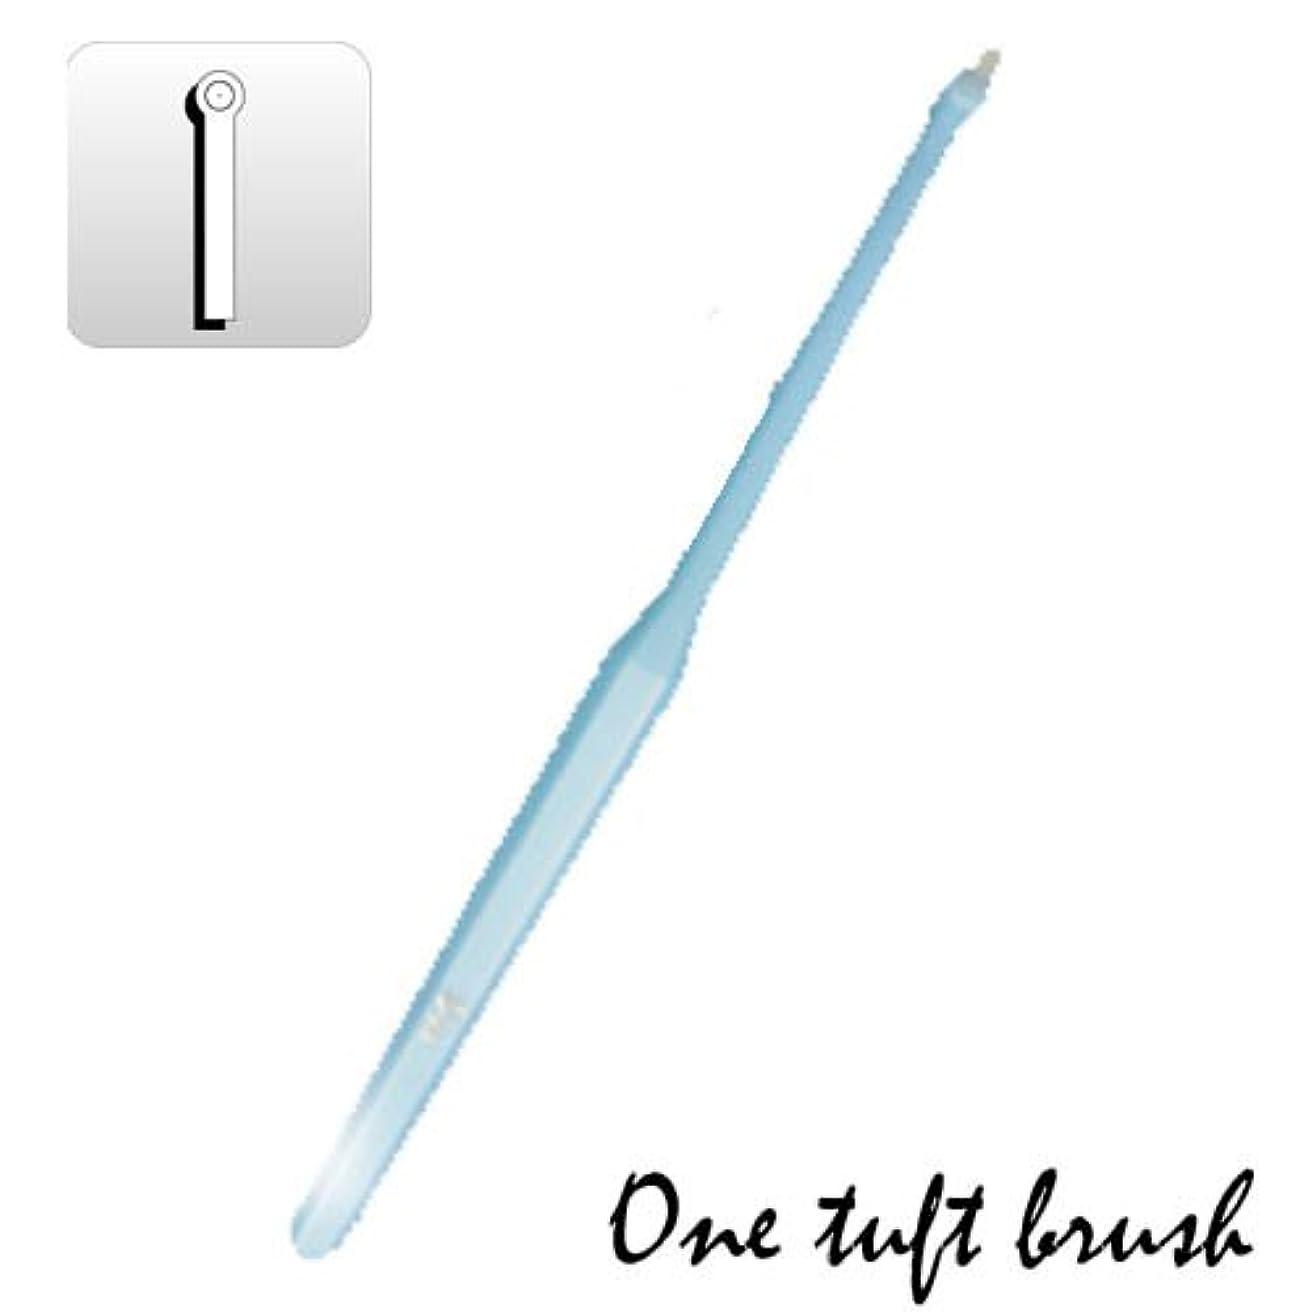 アンソロジーグラフィック羊の歯科向き 矯正中 磨きにくい部位までしっかり すっきり 【 One ワンタフト ブルー 3本セット】 歯ブラシ